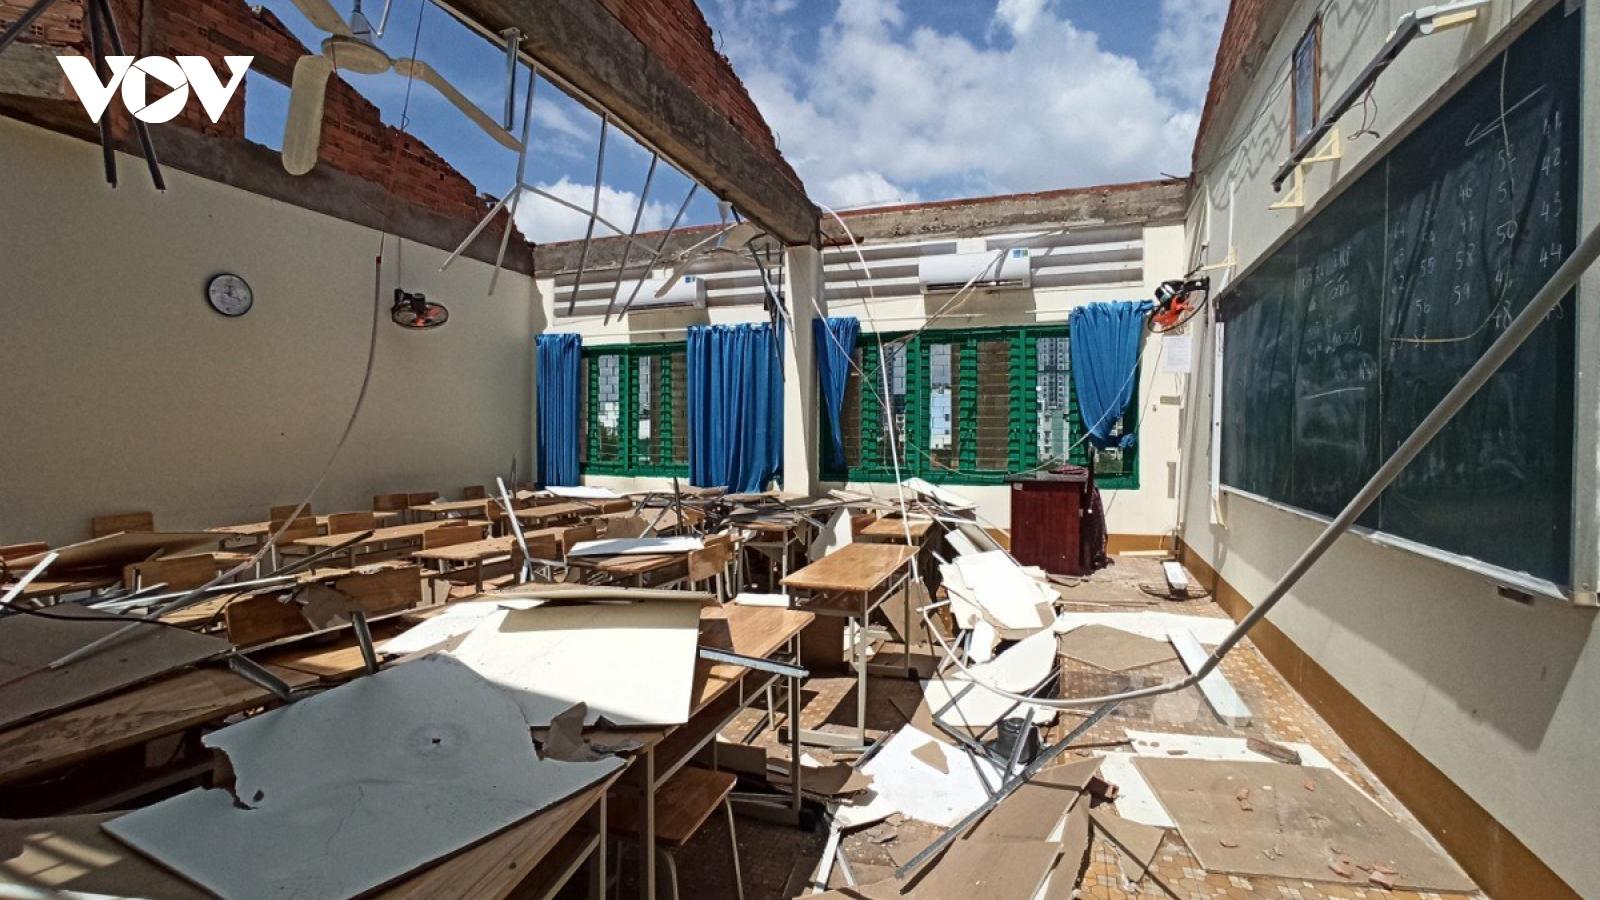 Trường học sập mái do lốc ở TPHCM, học sinh chưa thể đi học trở lại